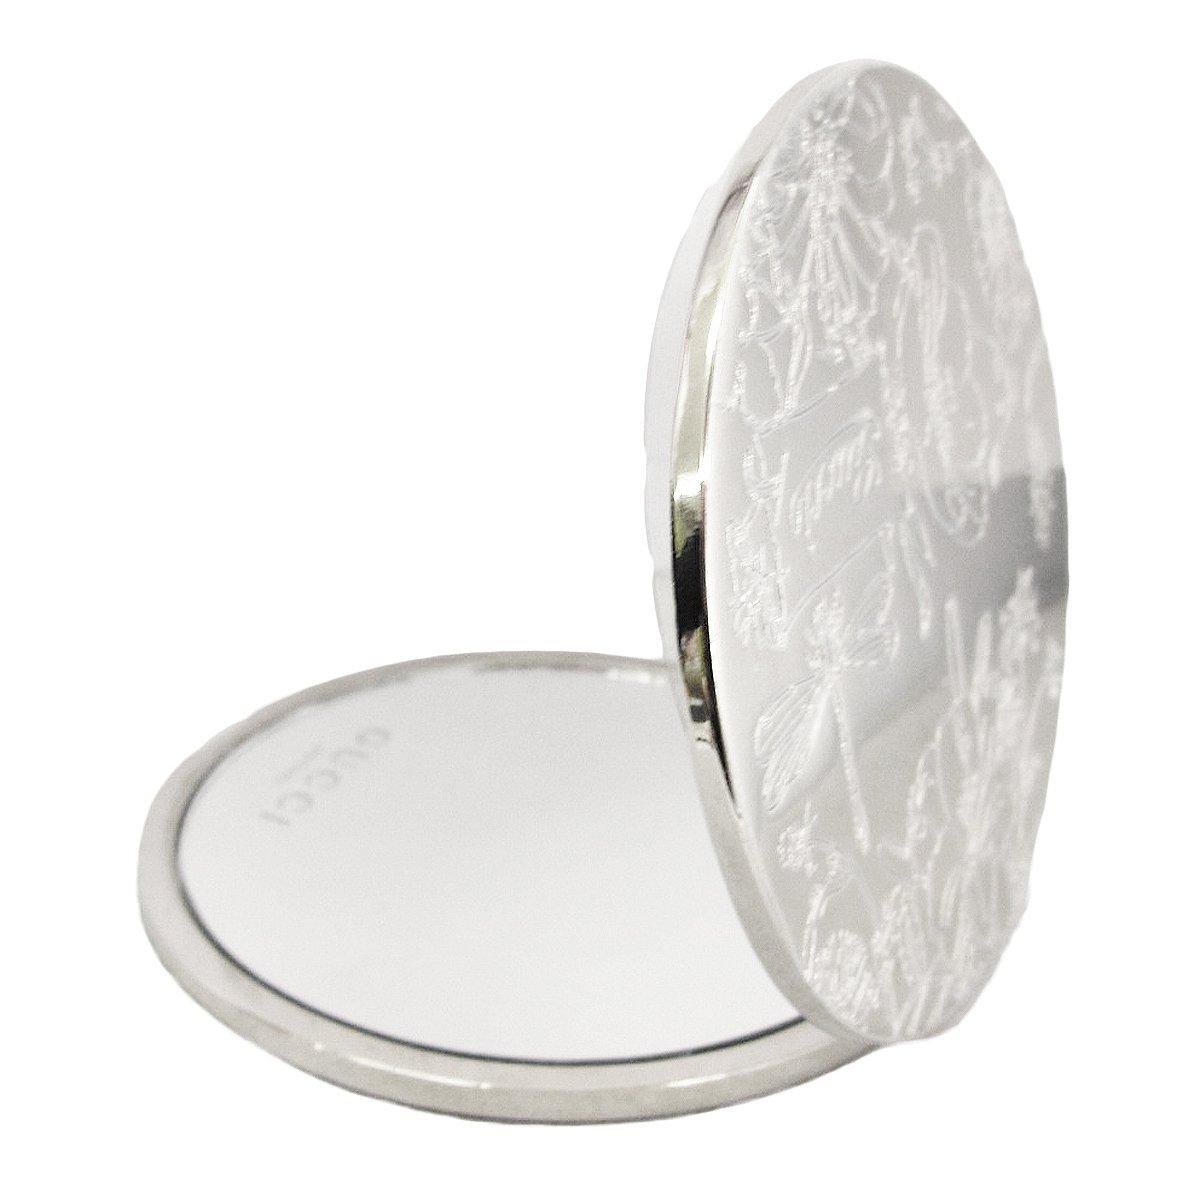 f4dc139b3ee5 Amazon | GUCCI グッチ ミラー ハンドミラー ケース付き 鏡 二面鏡 ロゴ型押し 丸型 シルバー 並行輸入品 AMI725 | GUCCI (グッチ) | トートバッグ